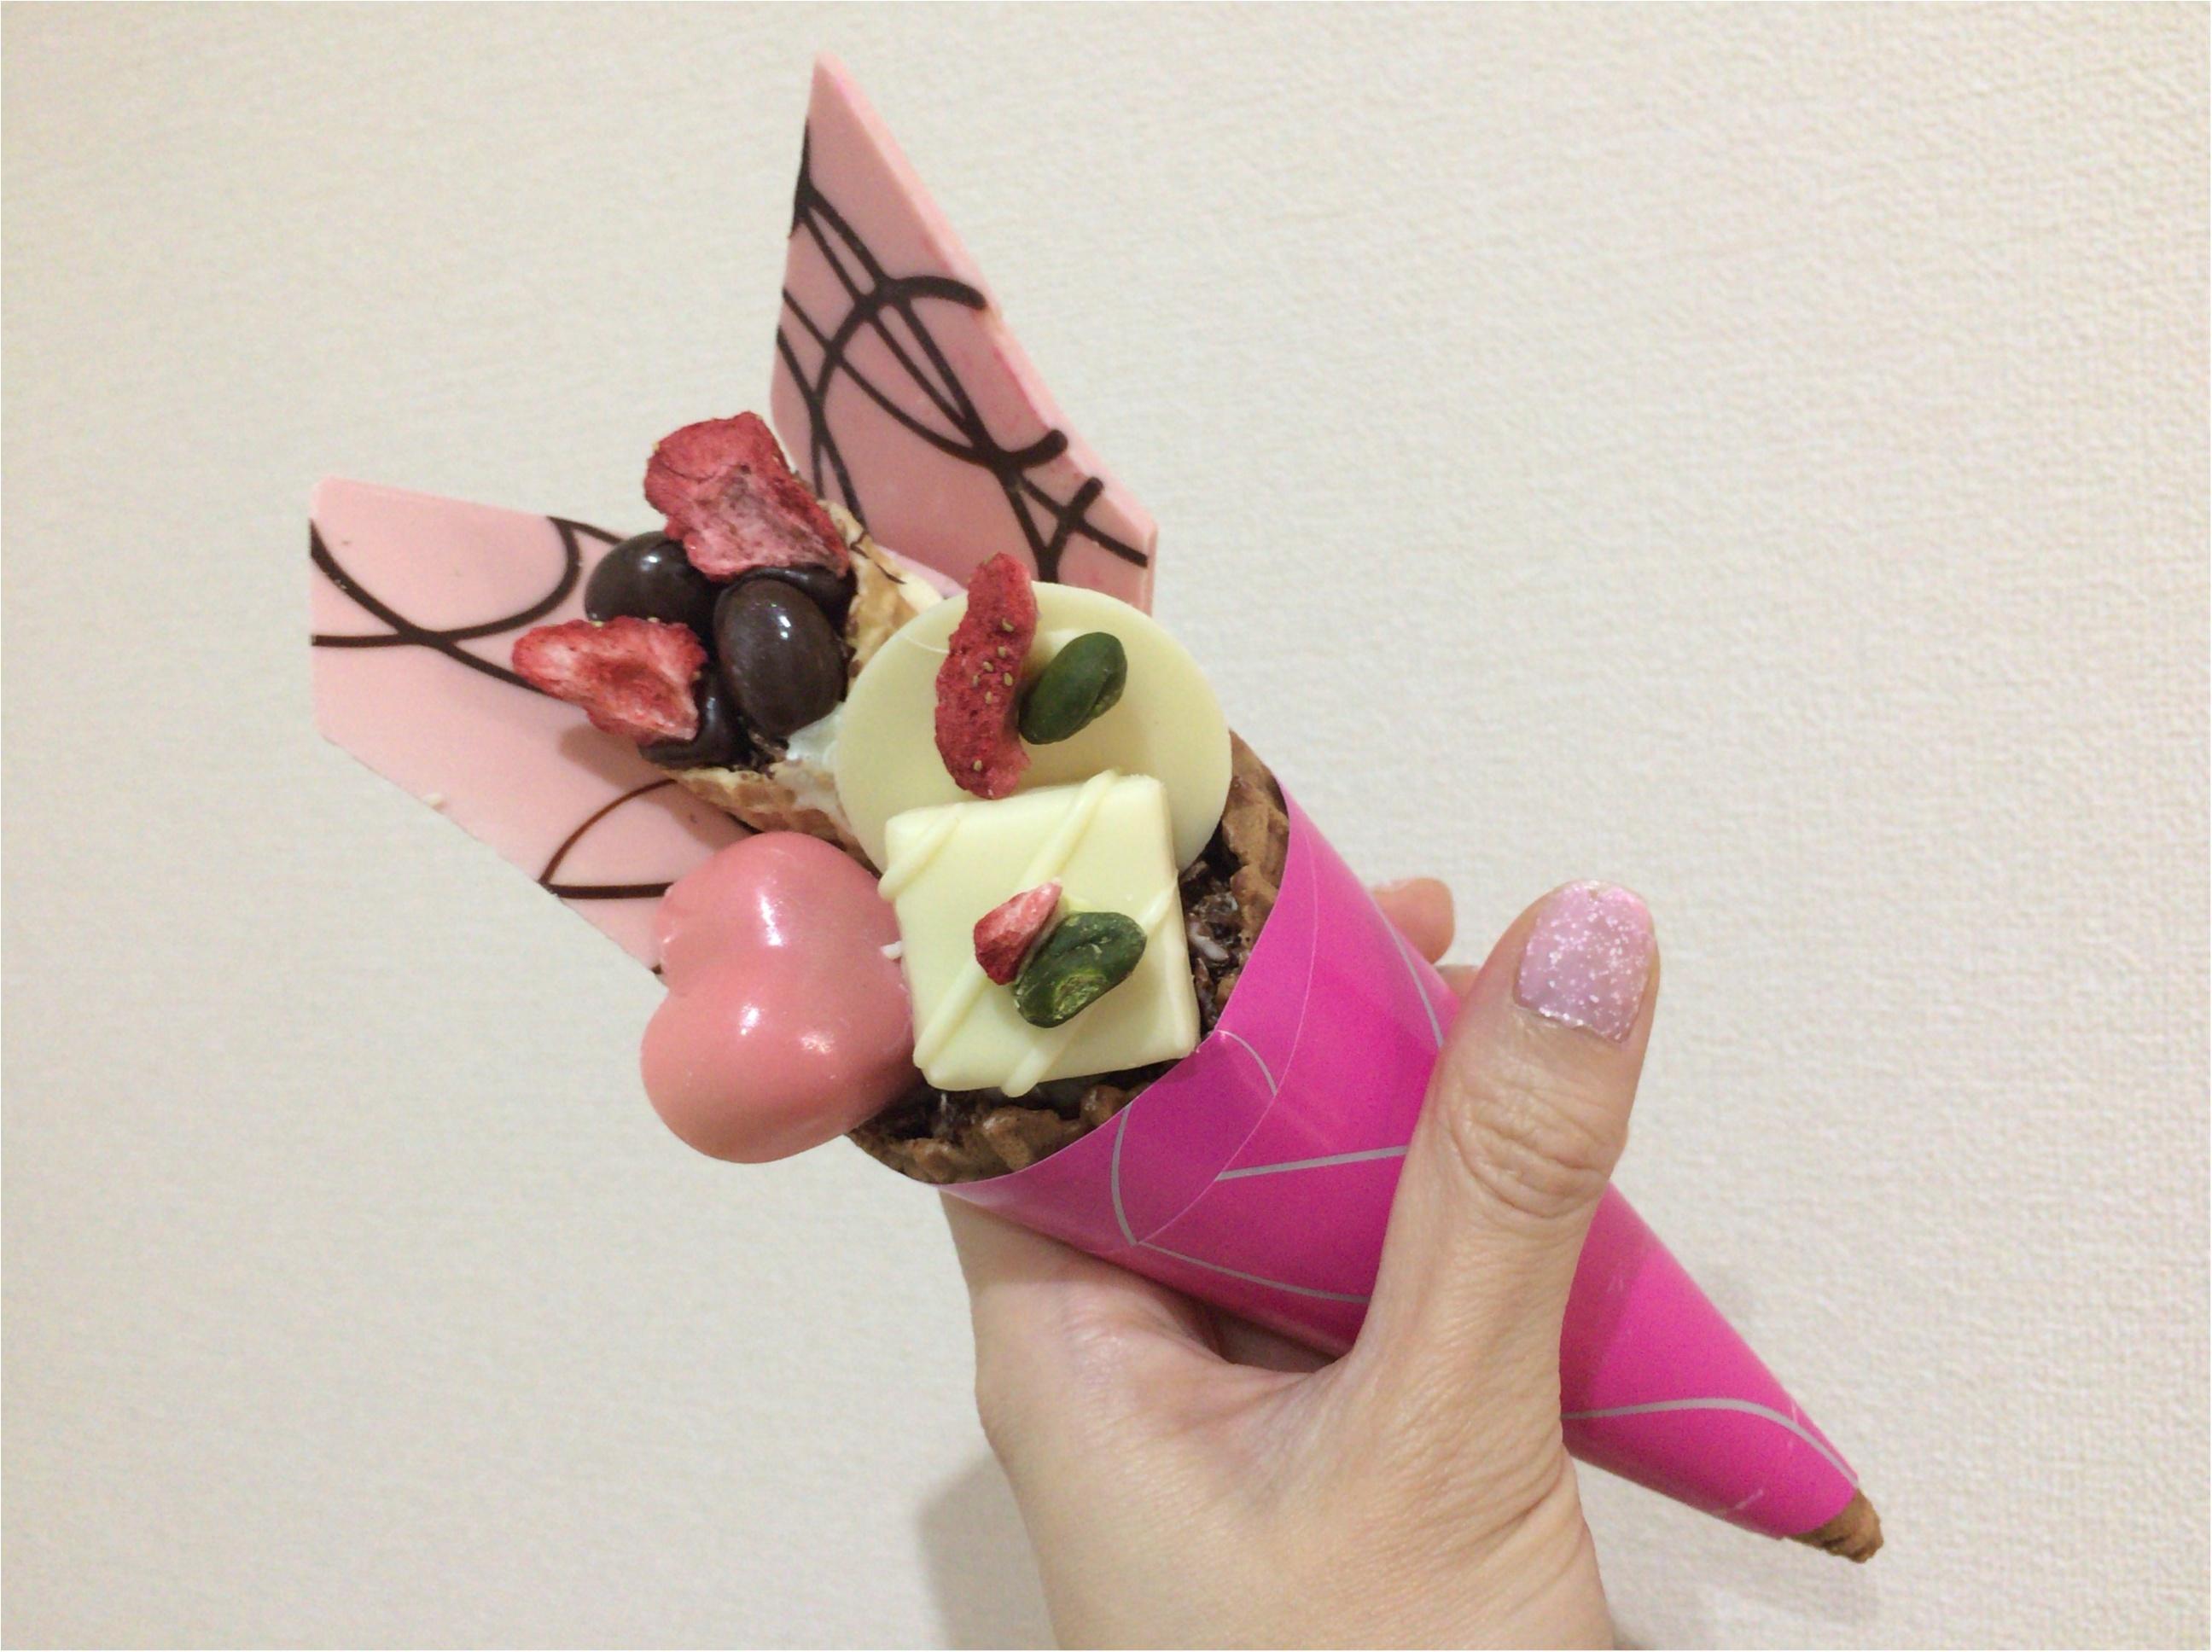 来年の参考に!私が食べた《可愛い・美味しい・フォトジェニック》なValentineチョコ3選♡_8